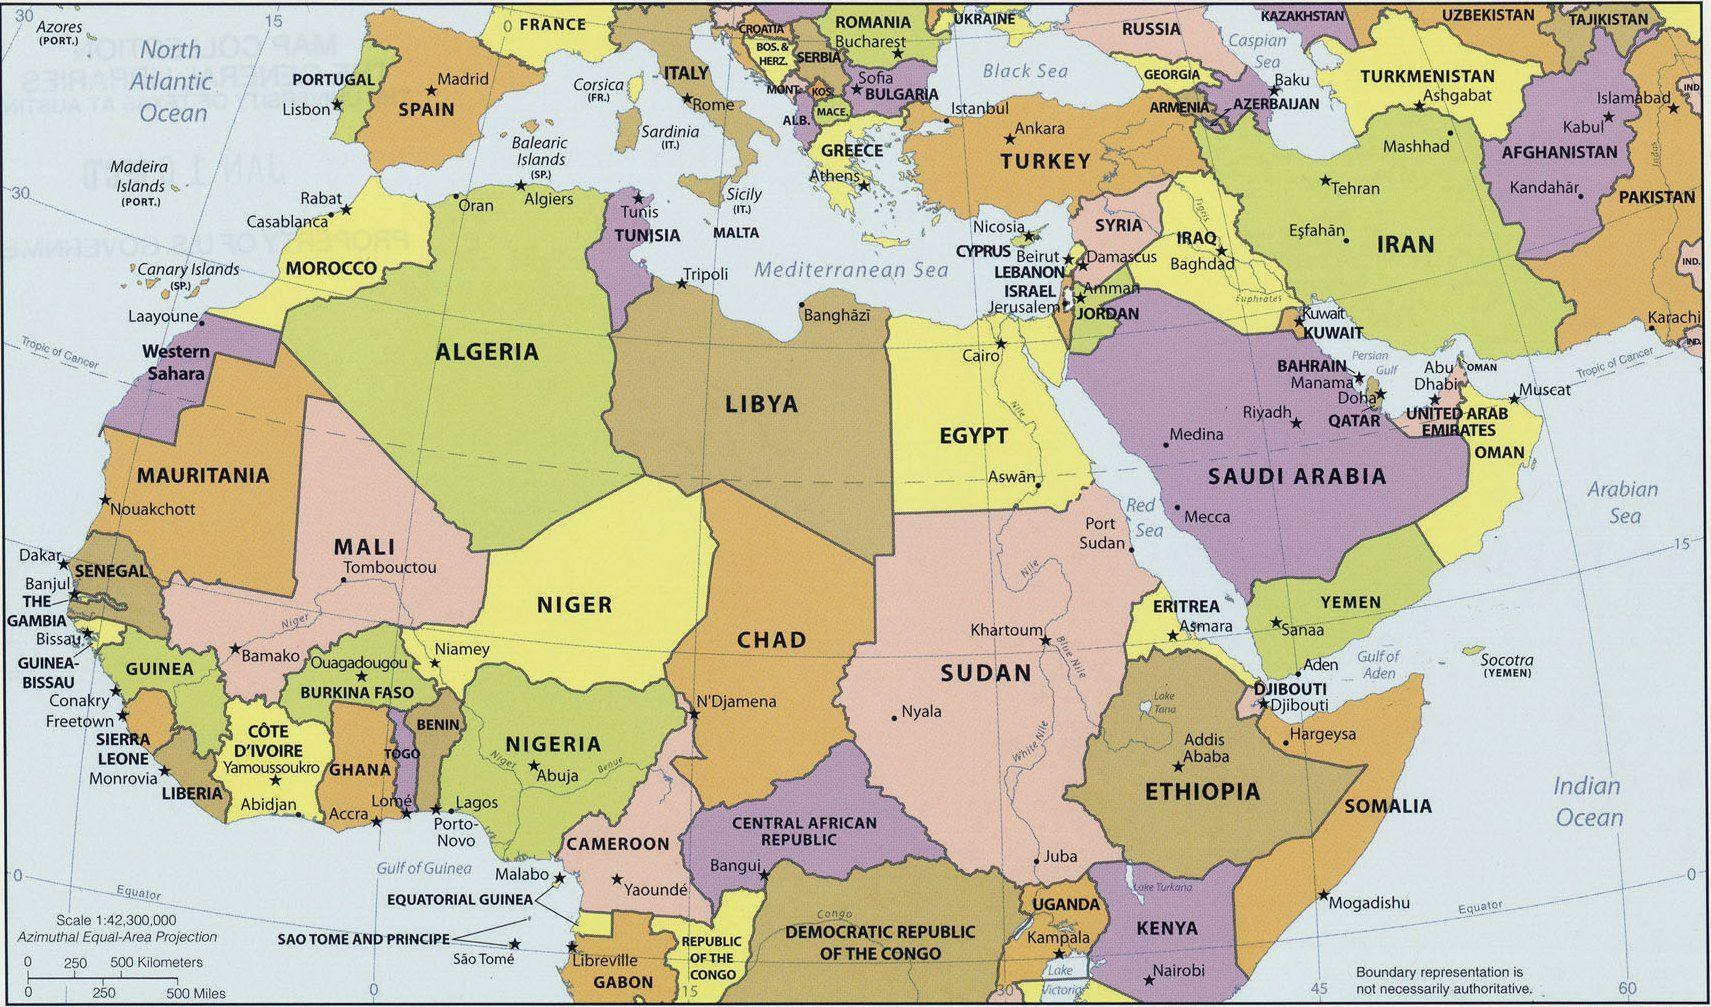 Carte De Lafrique Et Moyen Orient.Carte Afrique Moyen Orient Imvt